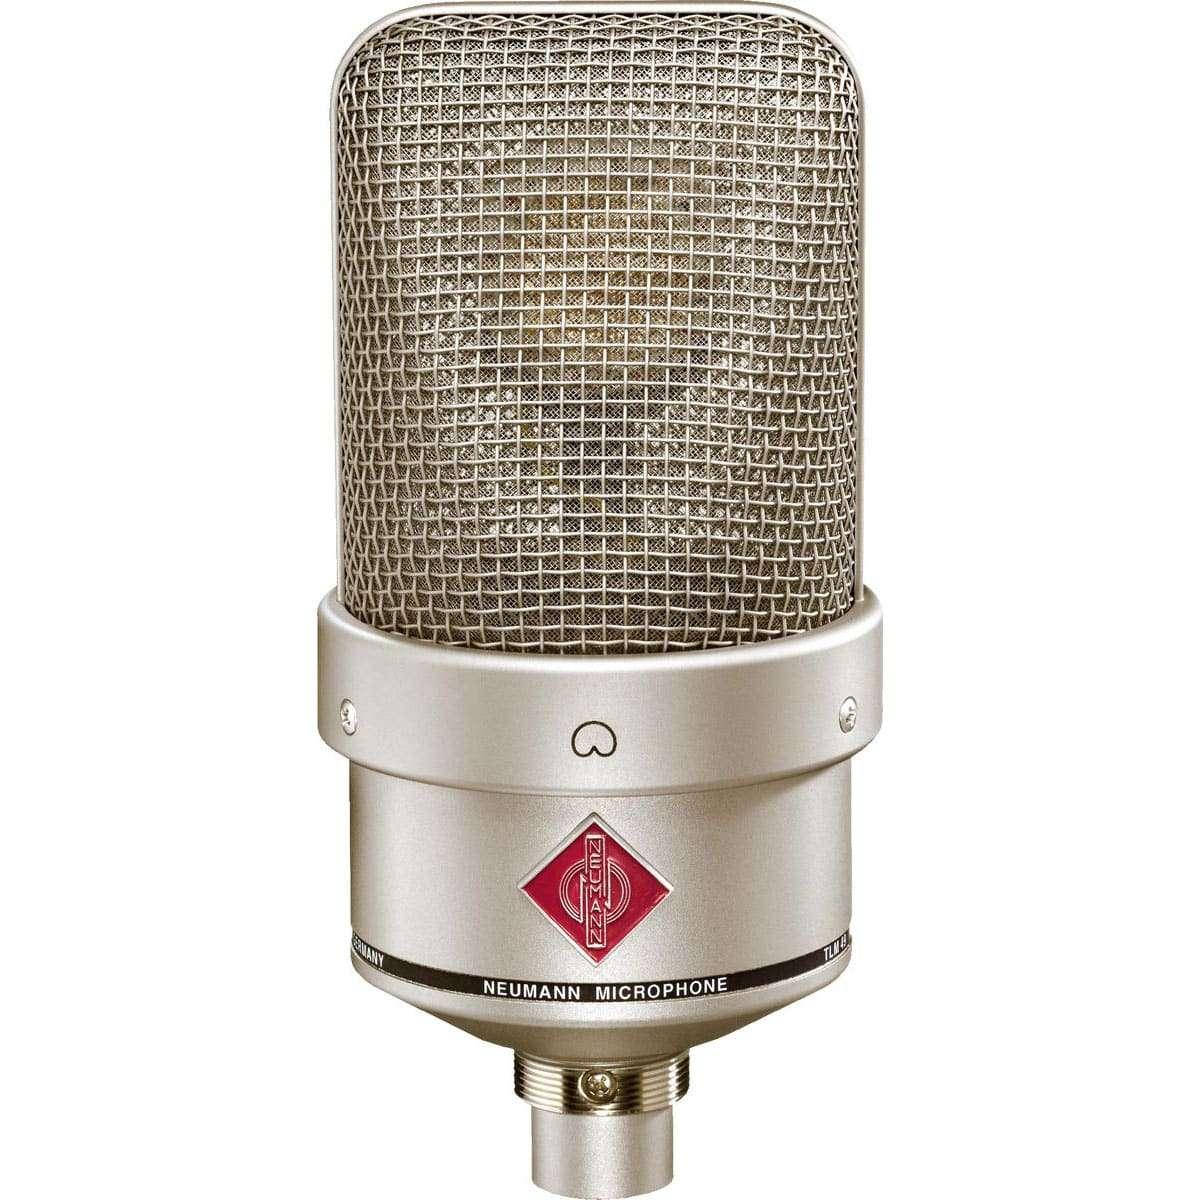 Neumann TLM 49 EA 3 bundle 04 Microfoni a Condensatore, Microfoni professionali, Strumentazioni Pro Audio per studi di registrazione